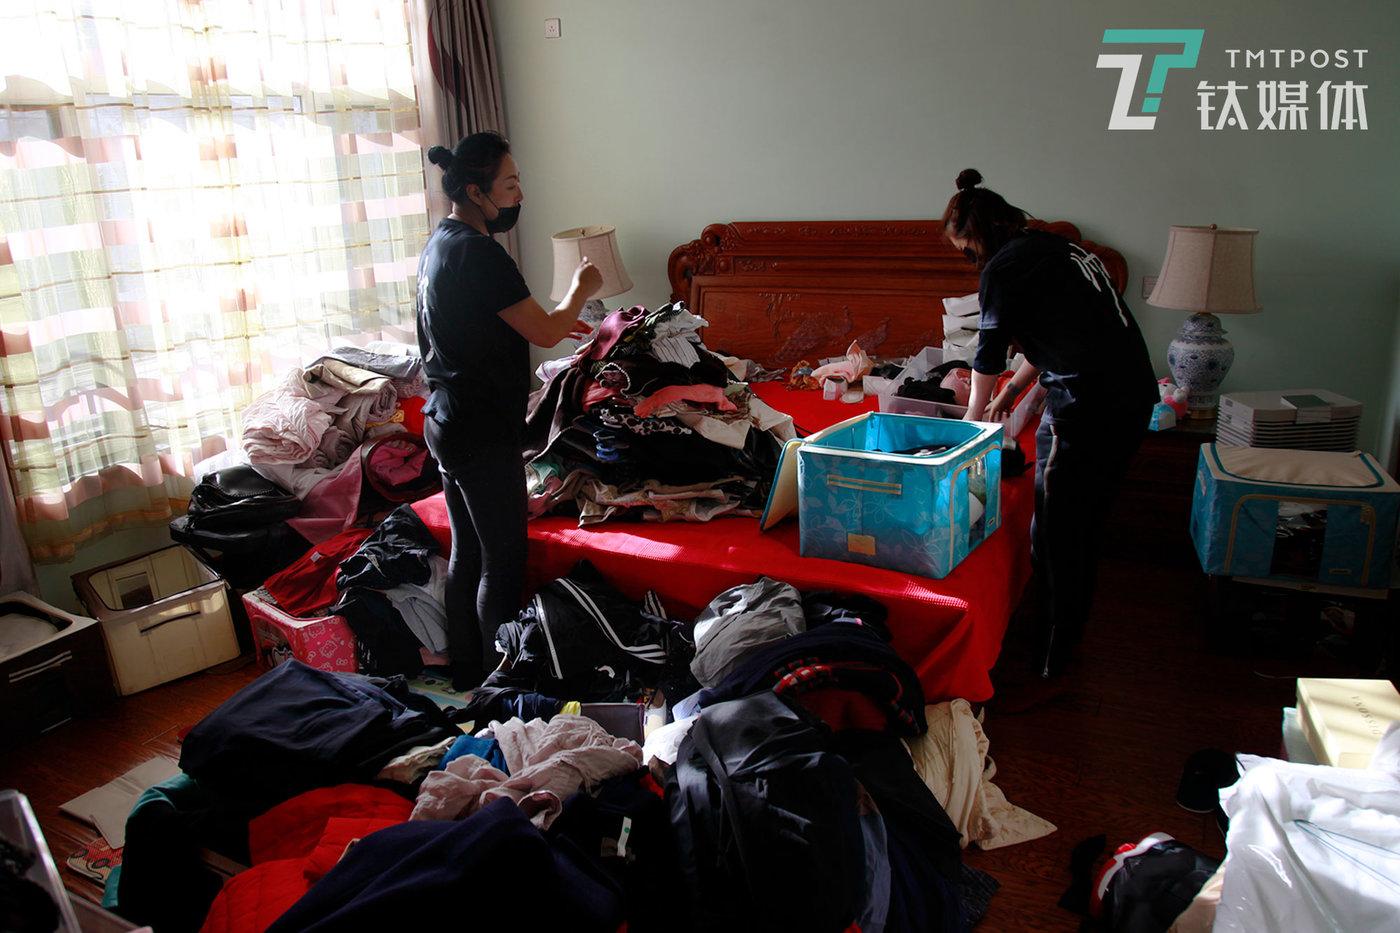 整理师将房主衣服全部从衣橱拿出来,堆放在床上。